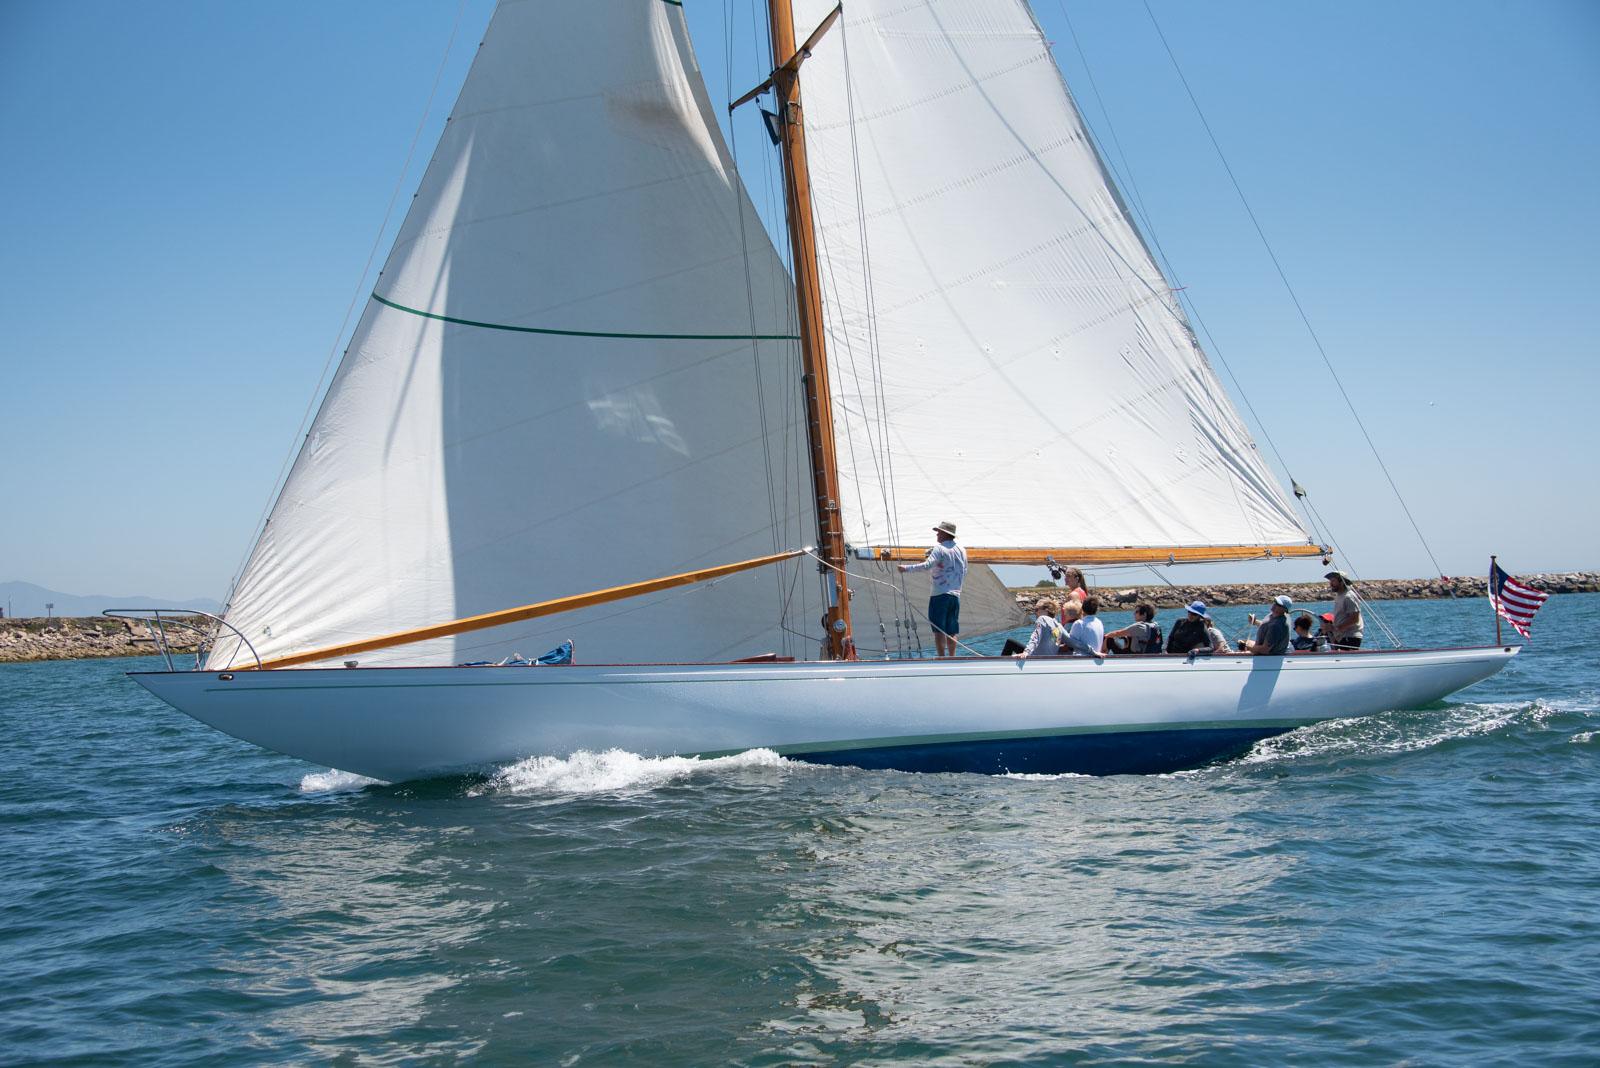 Sally under sail